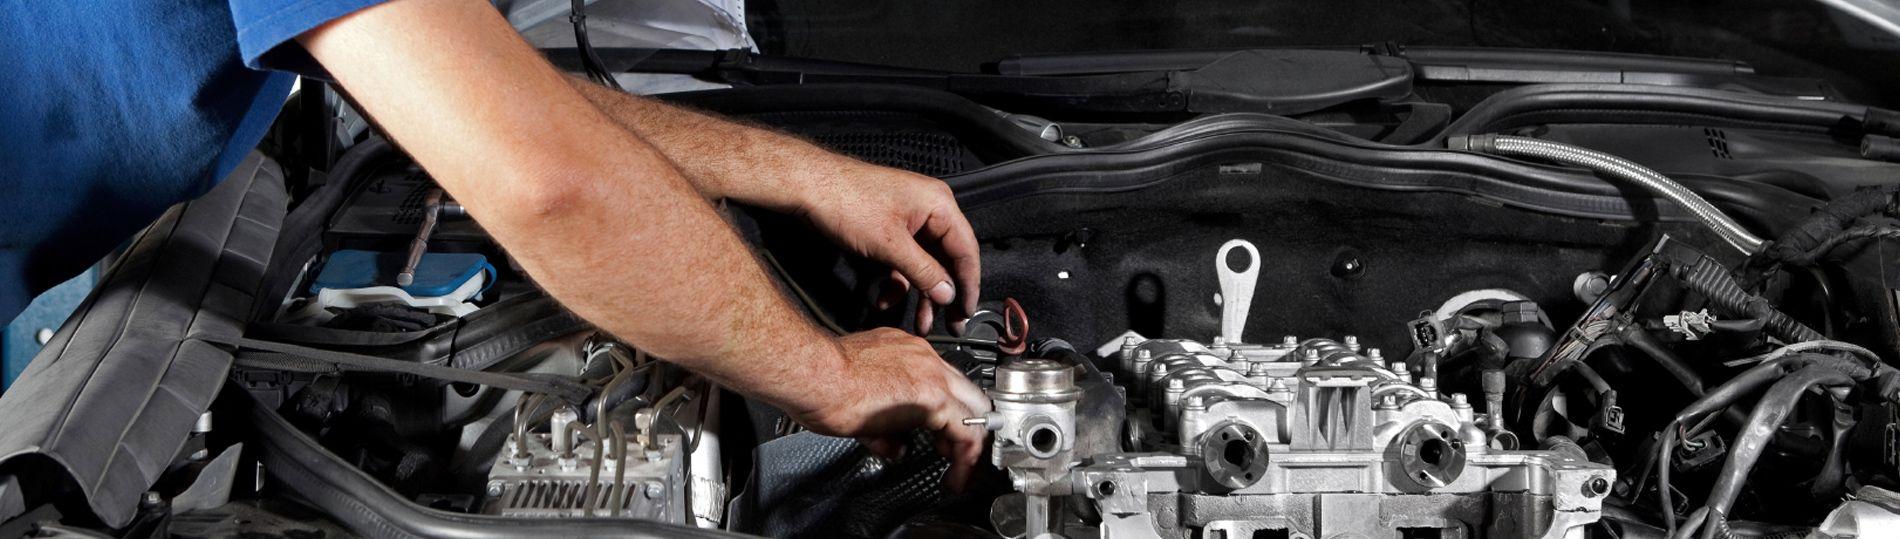 Auto body repair checklist template success success auto repair shop - Auto Repair Indianapolis In Mechanic Indianapolis In Auto Repair Shop Indianapolis In Brakes Indianapolis In Auto Imports Indianapolis In